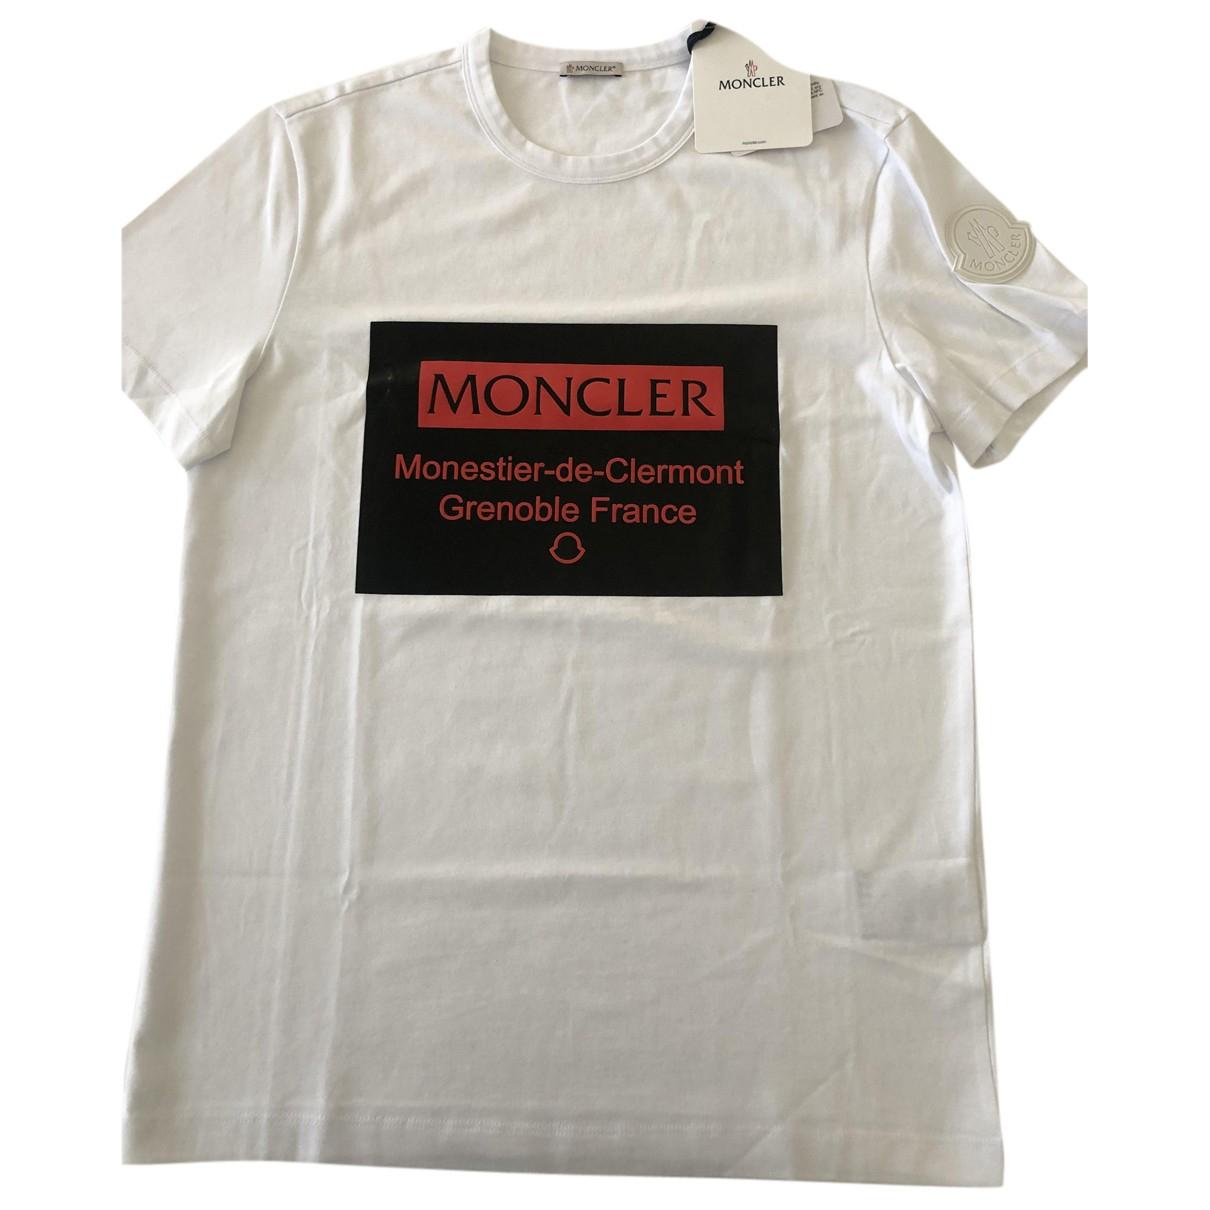 Moncler Genius - Tee shirts Moncler Grenoble n°3 pour homme en coton - blanc